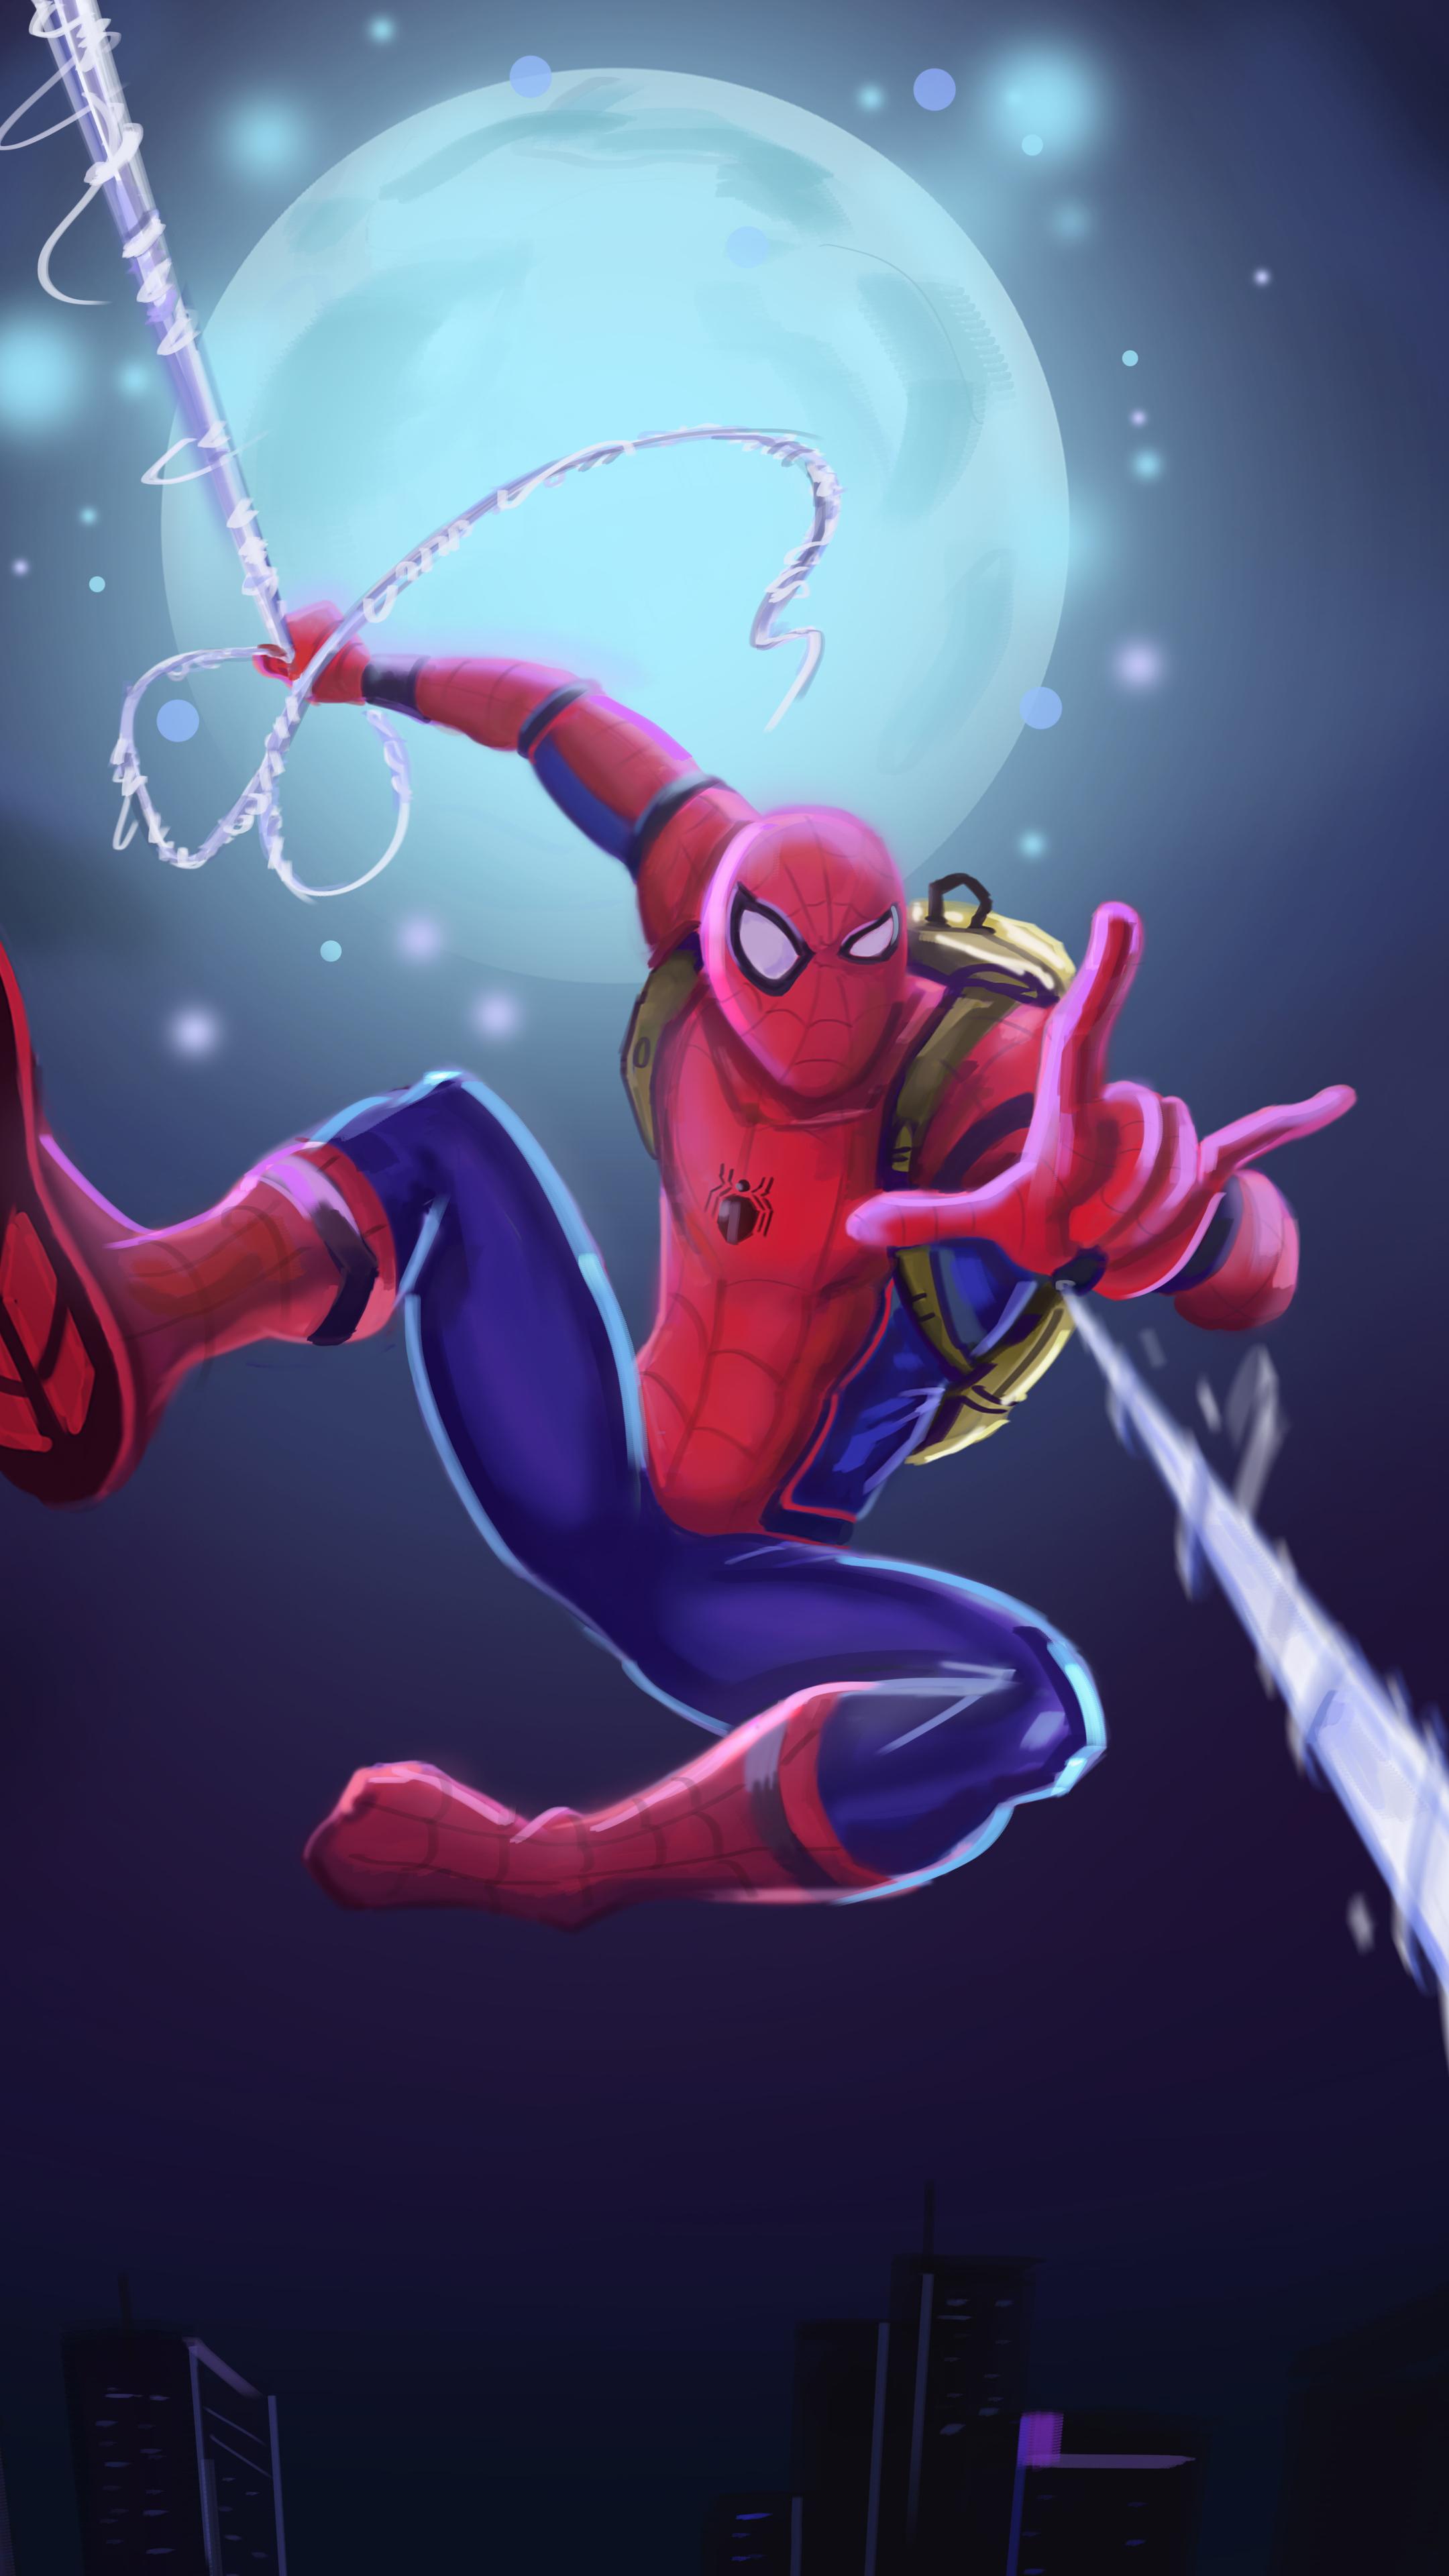 spiderman-allover-59.jpg